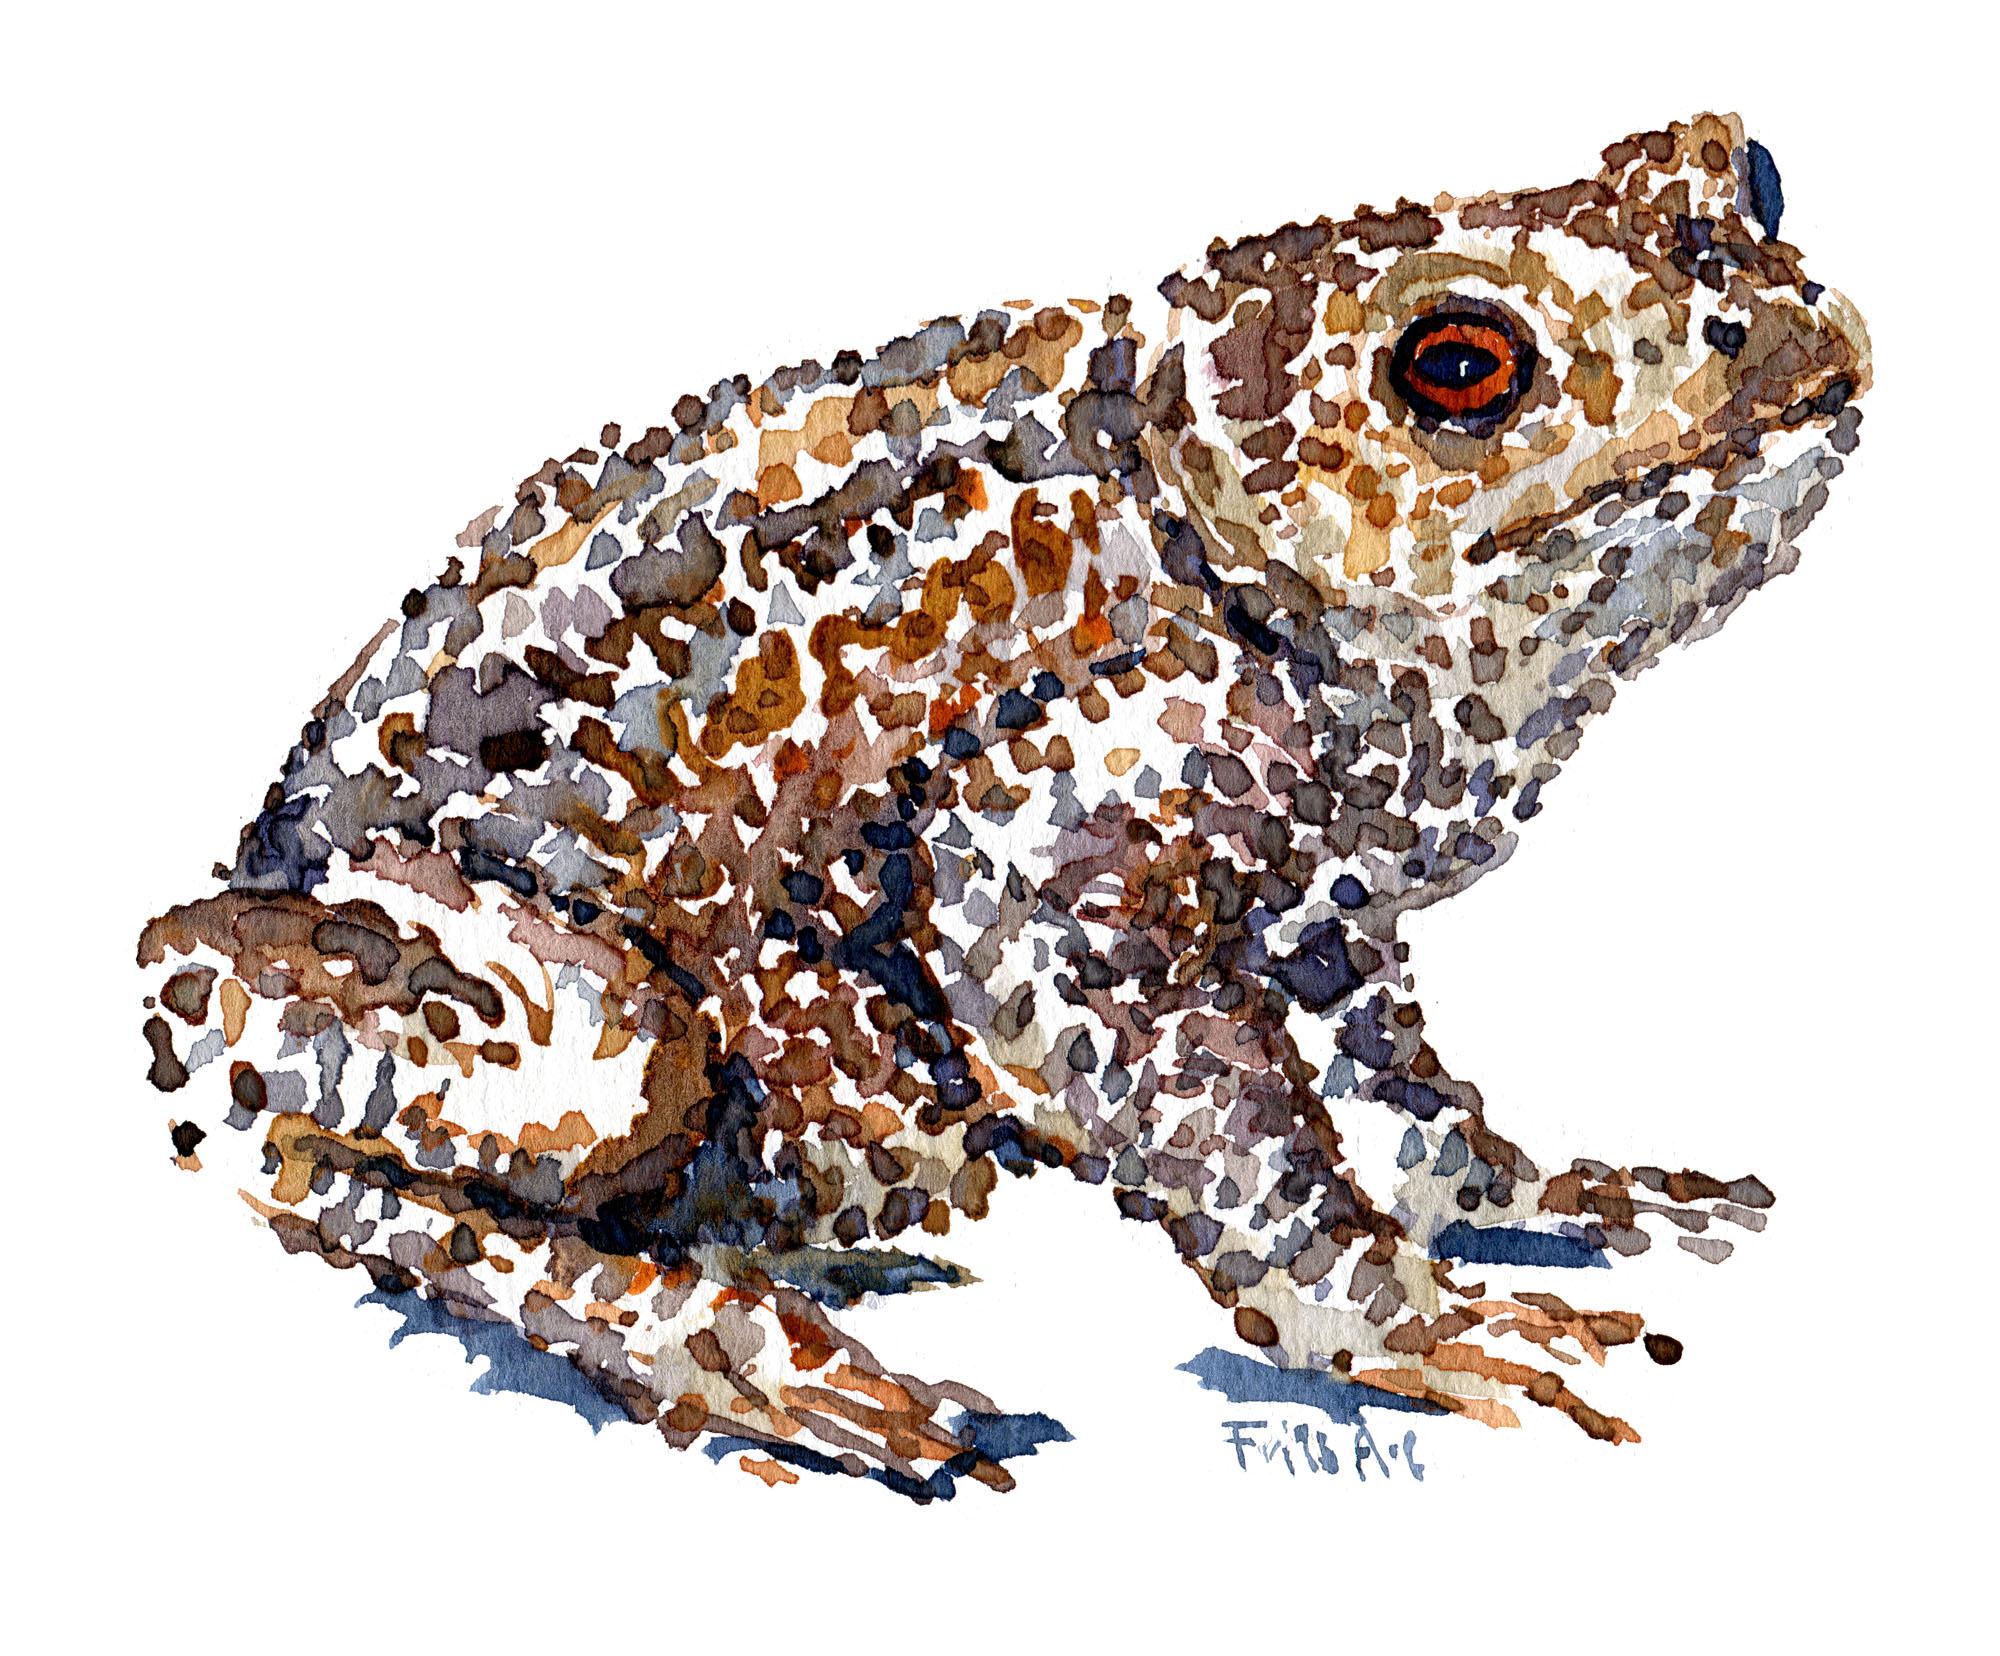 Akvarel af Skrubtudse